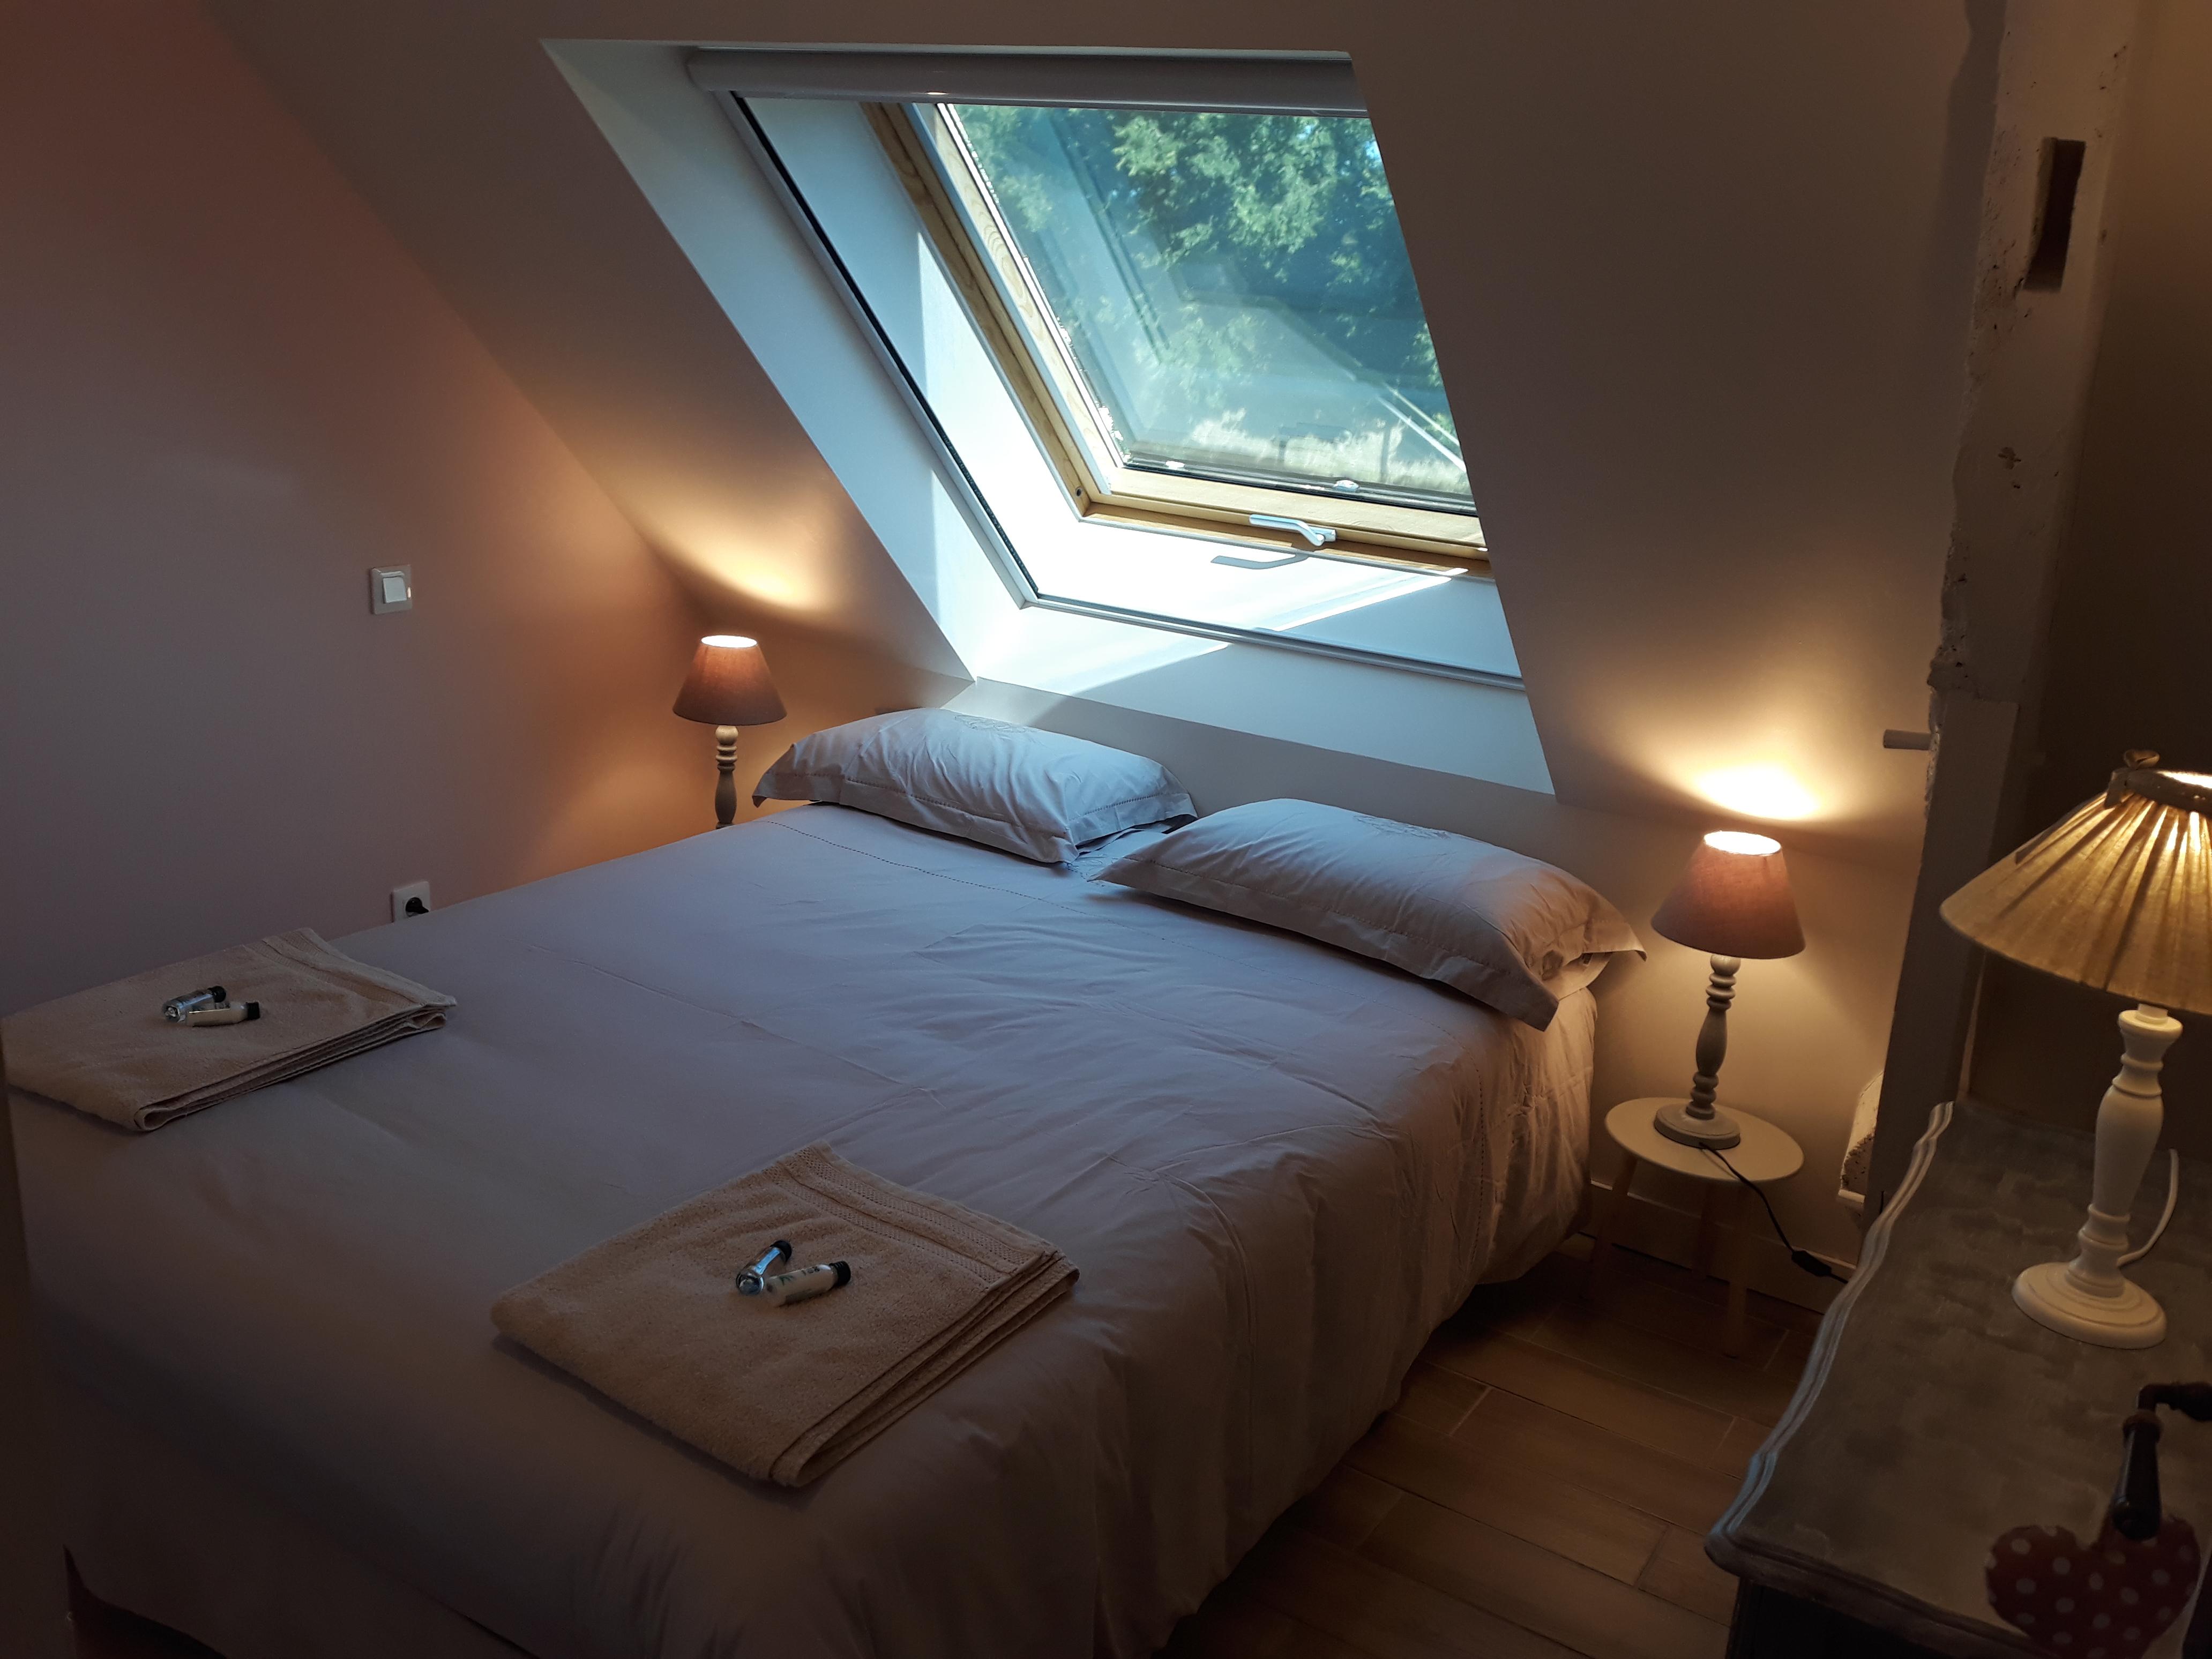 Chambre 1 rose - Pare soleil et moustiquaire